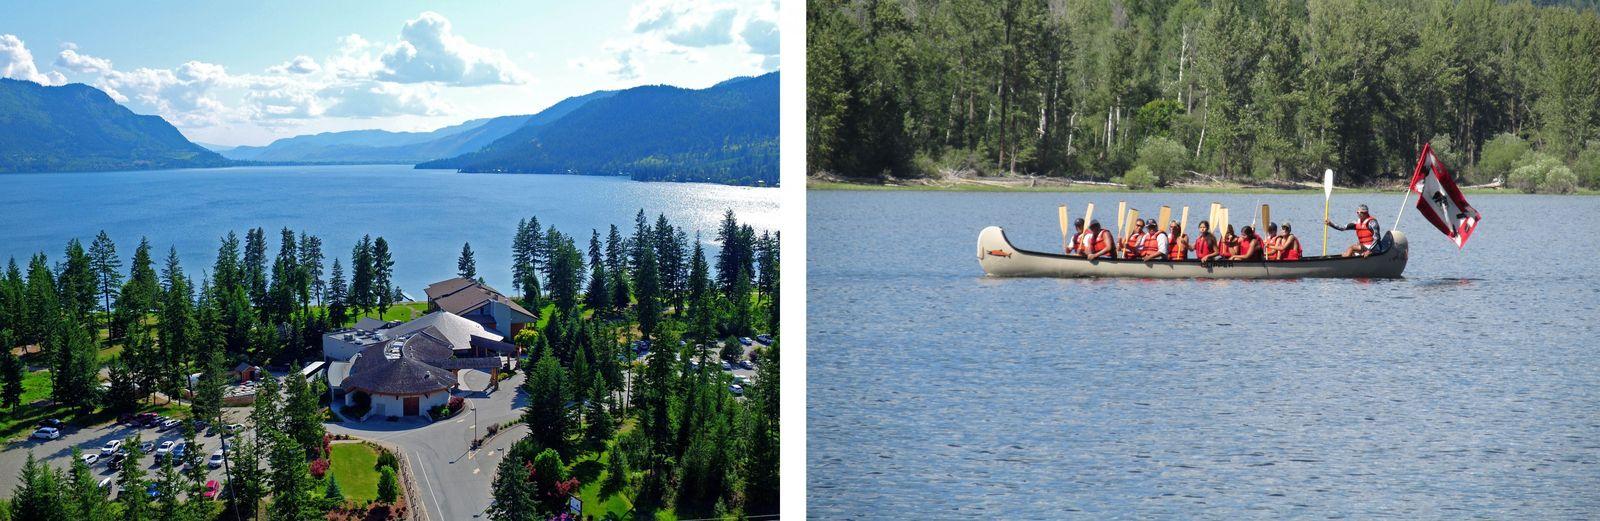 GAUCHE: À l'hôtel Quaaout Lodge and Spa, sur les rives du lac Shuswap, les visiteurs vivent ...